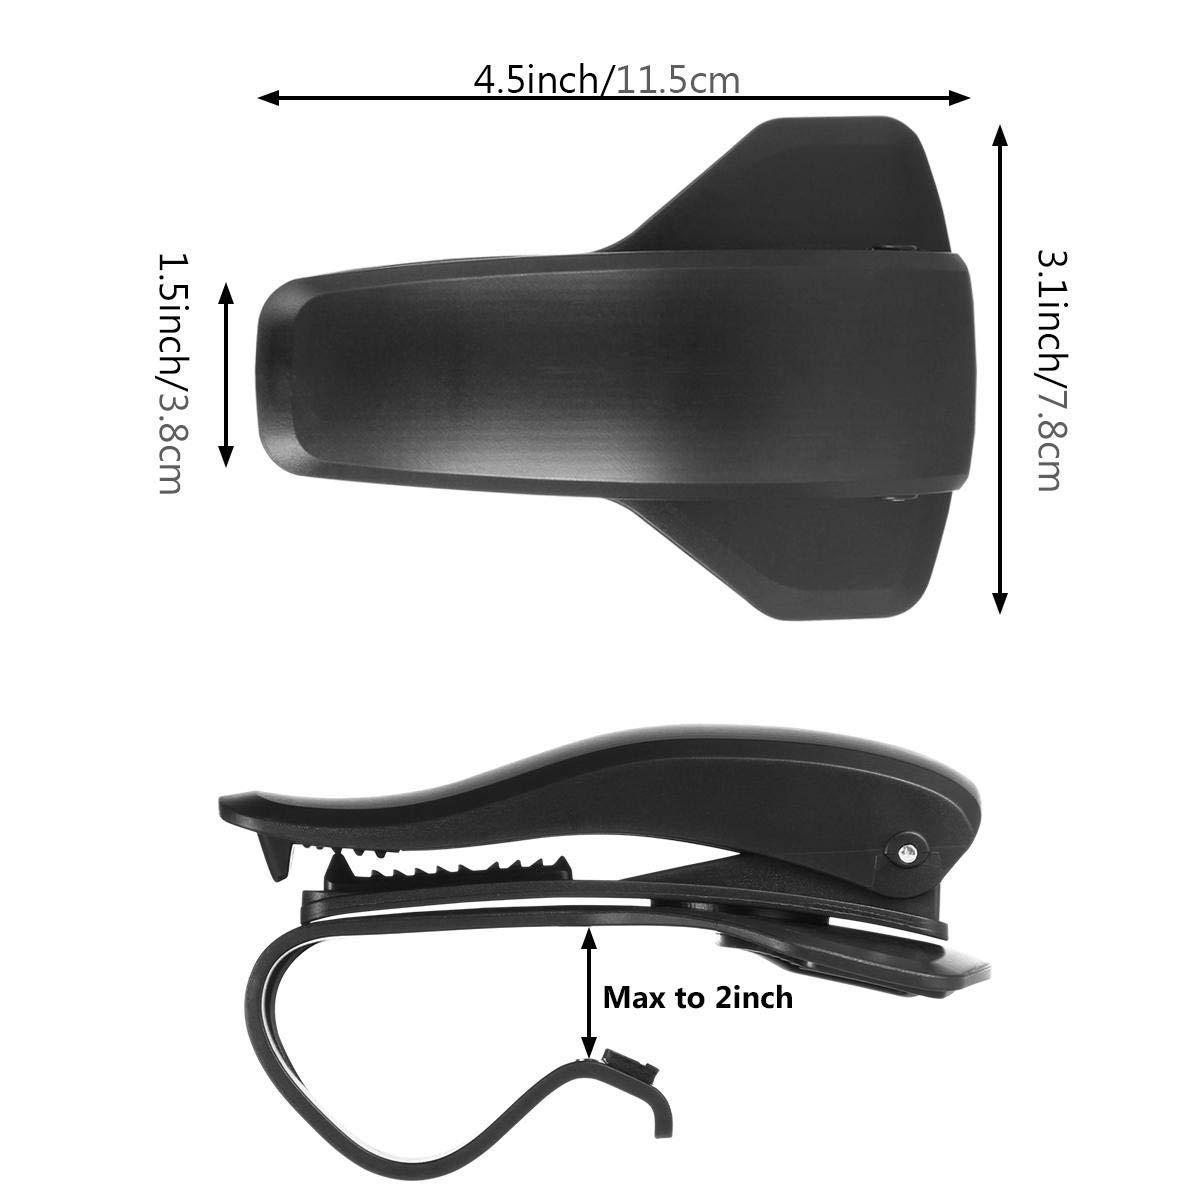 360/° drehbar Kompatibel mit 3 bis 6,5 Zoll von Mobilger/äten rutschfest GeekerChip Autotelefonhalter f/ür Dashboard-HUD-Design